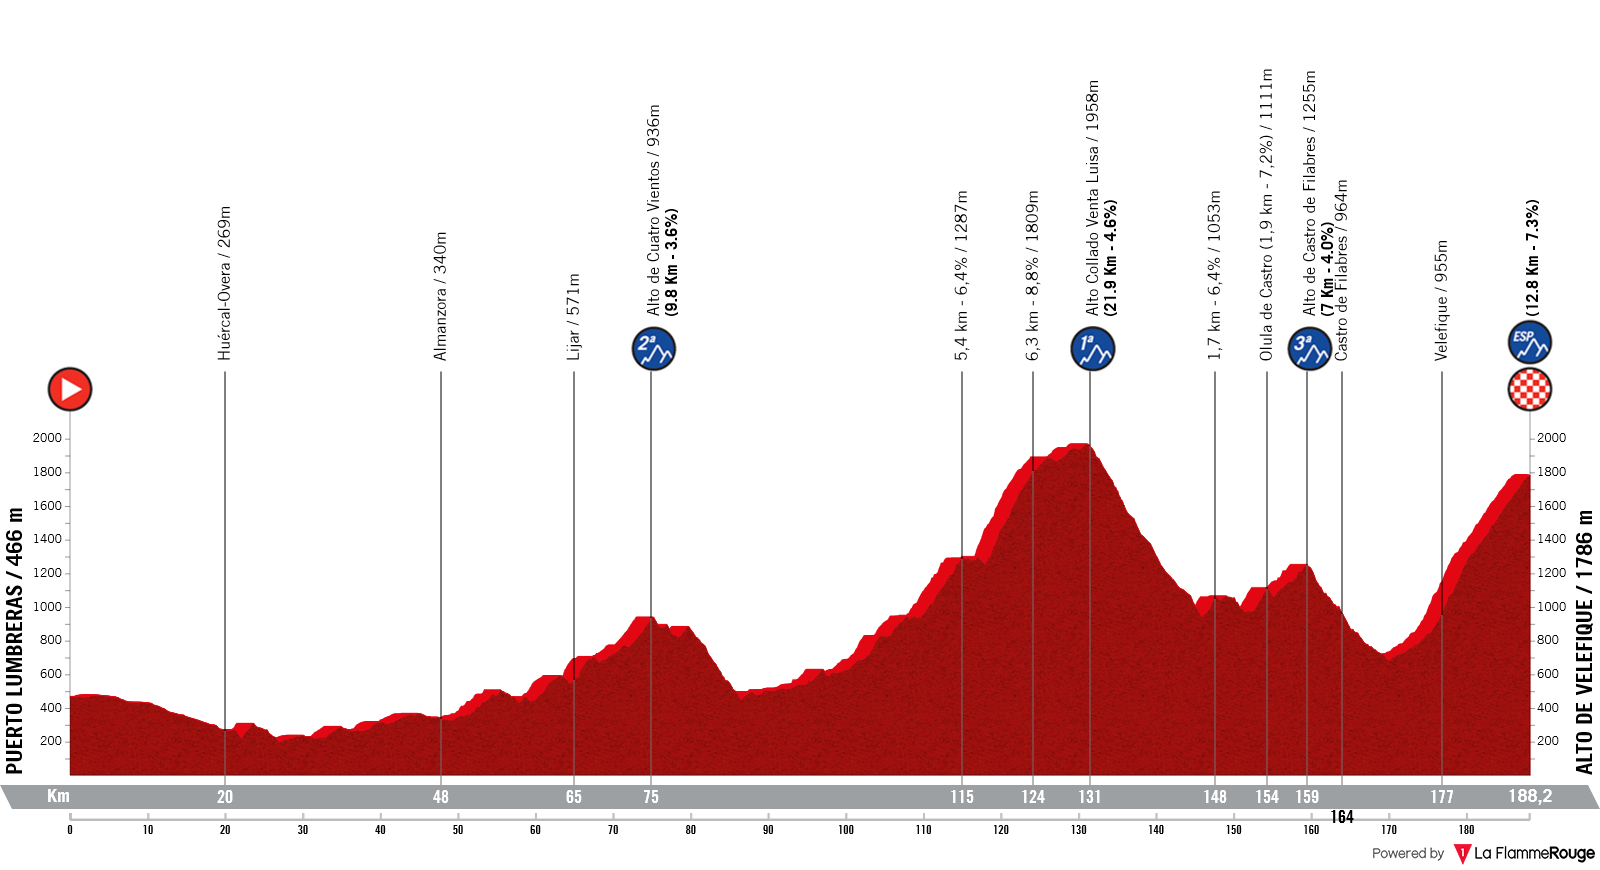 Etapa 9 - Vuelta España 2021 - Puerto-Lumbreras Alto de Velefique